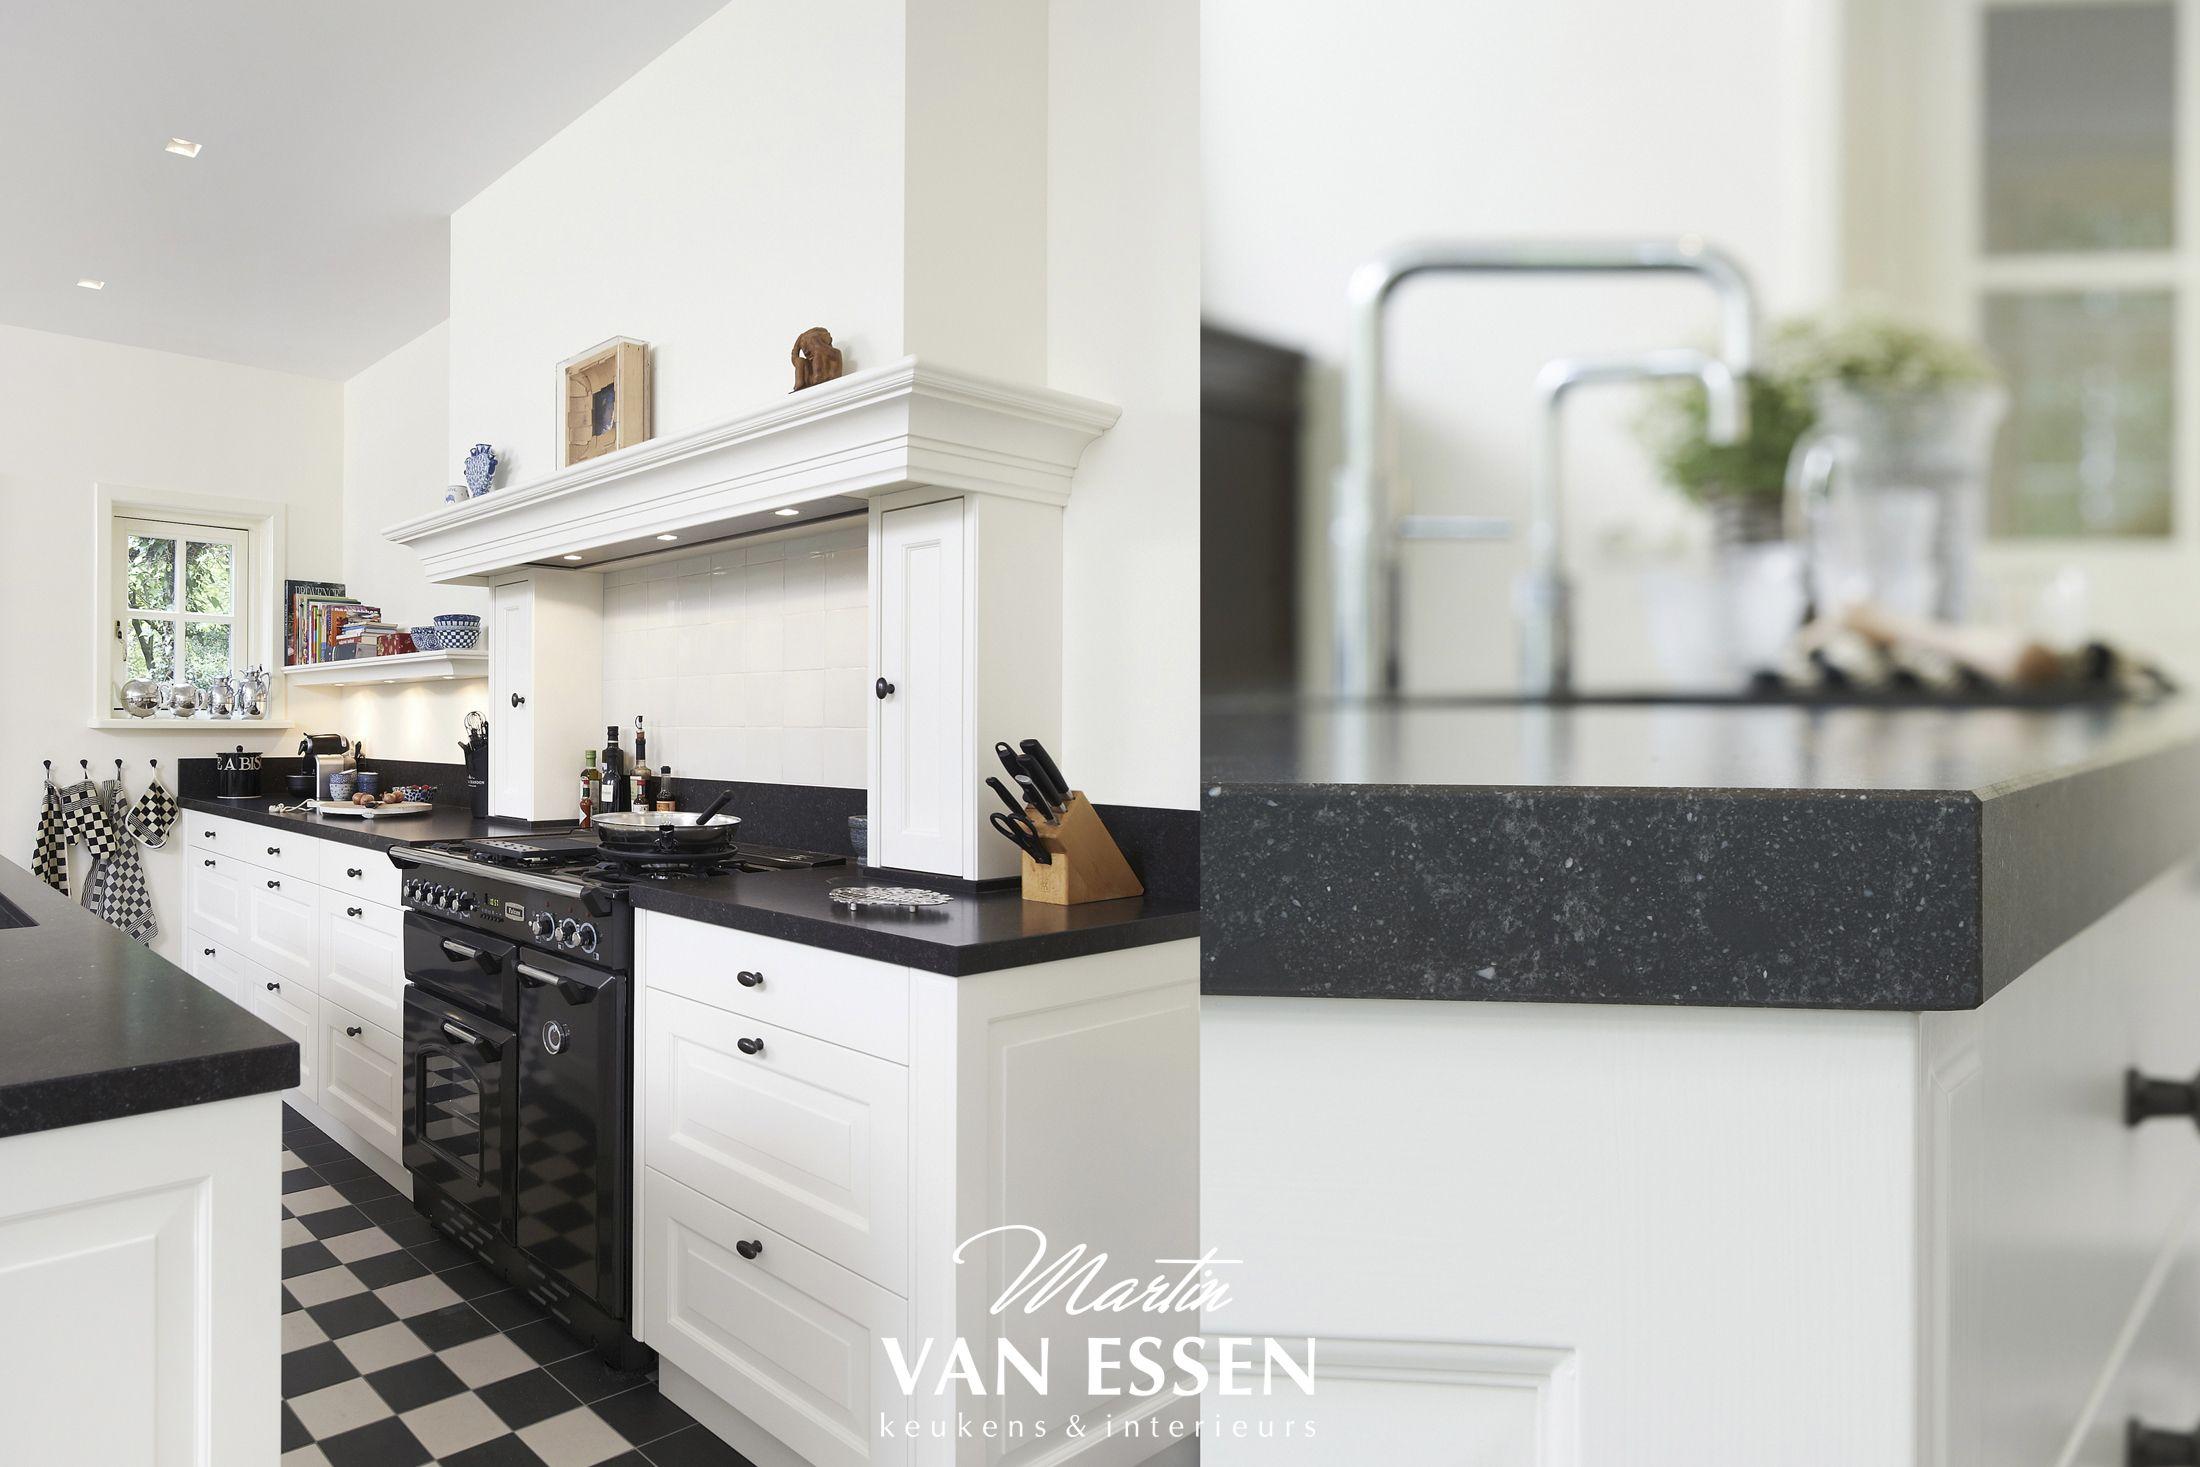 Prachtige landelijke keuken tijdloos met unieke oven de kleuren